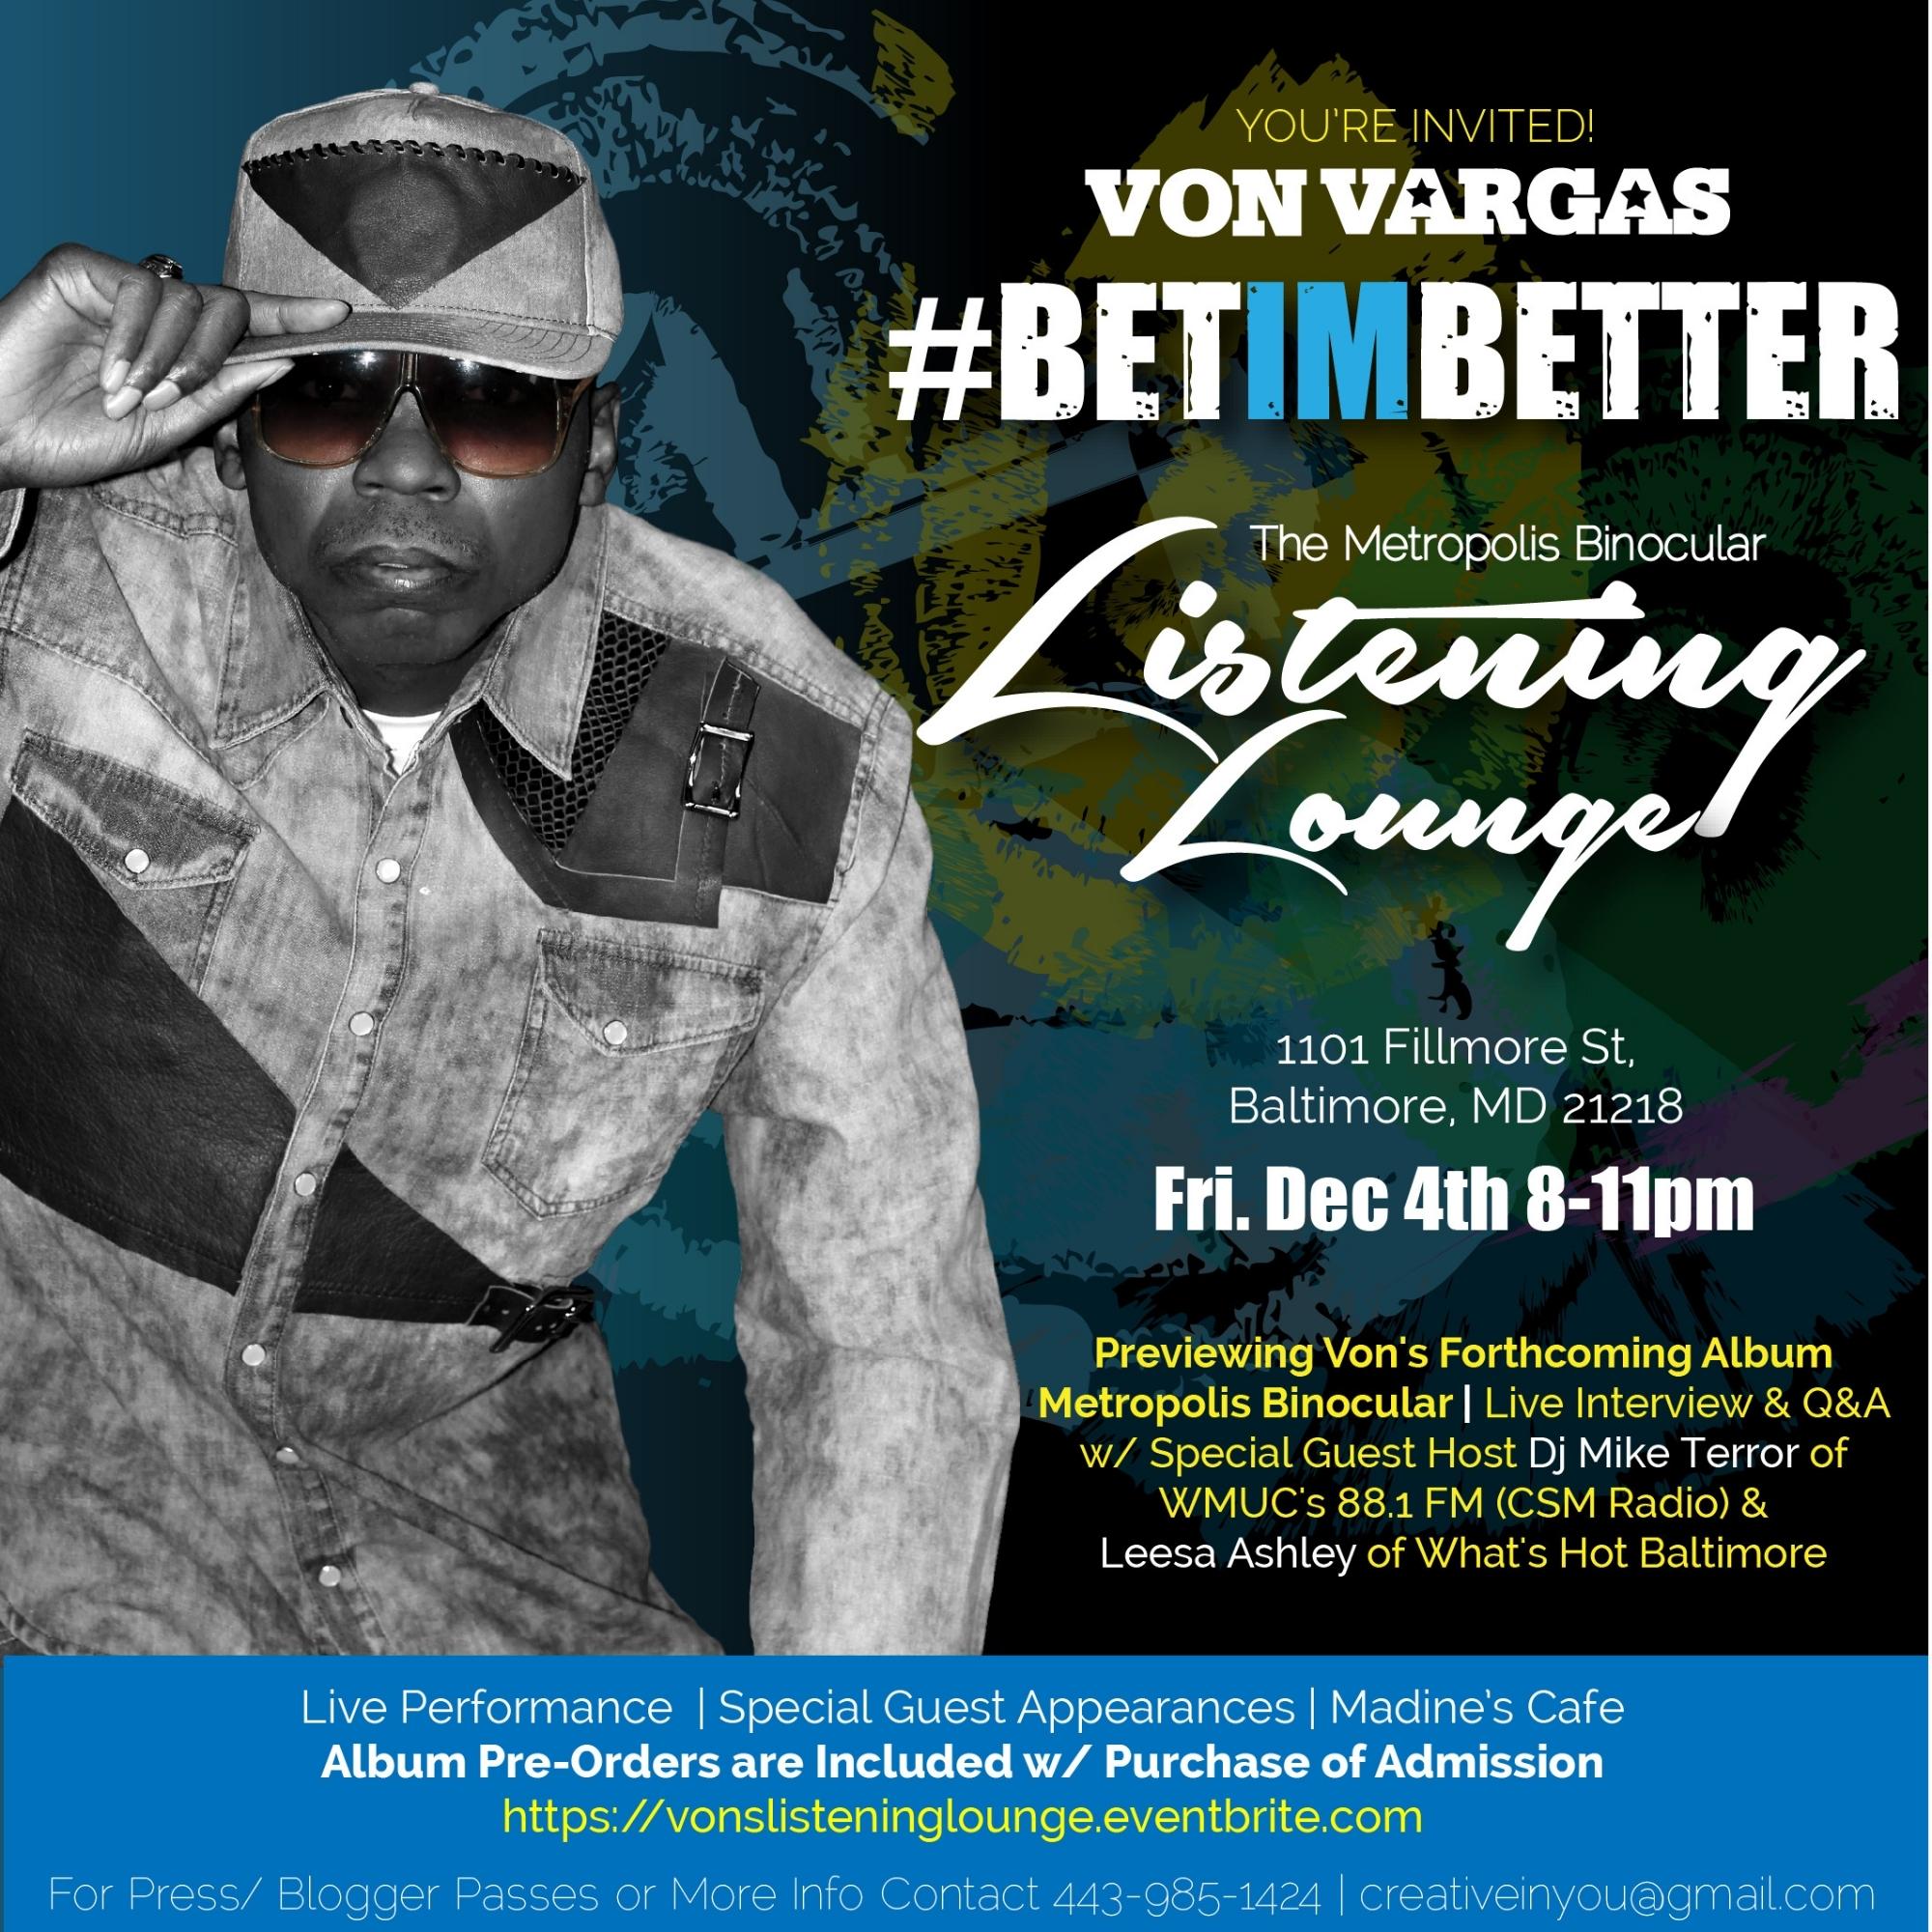 Von Vargas Listening Lounge Promo